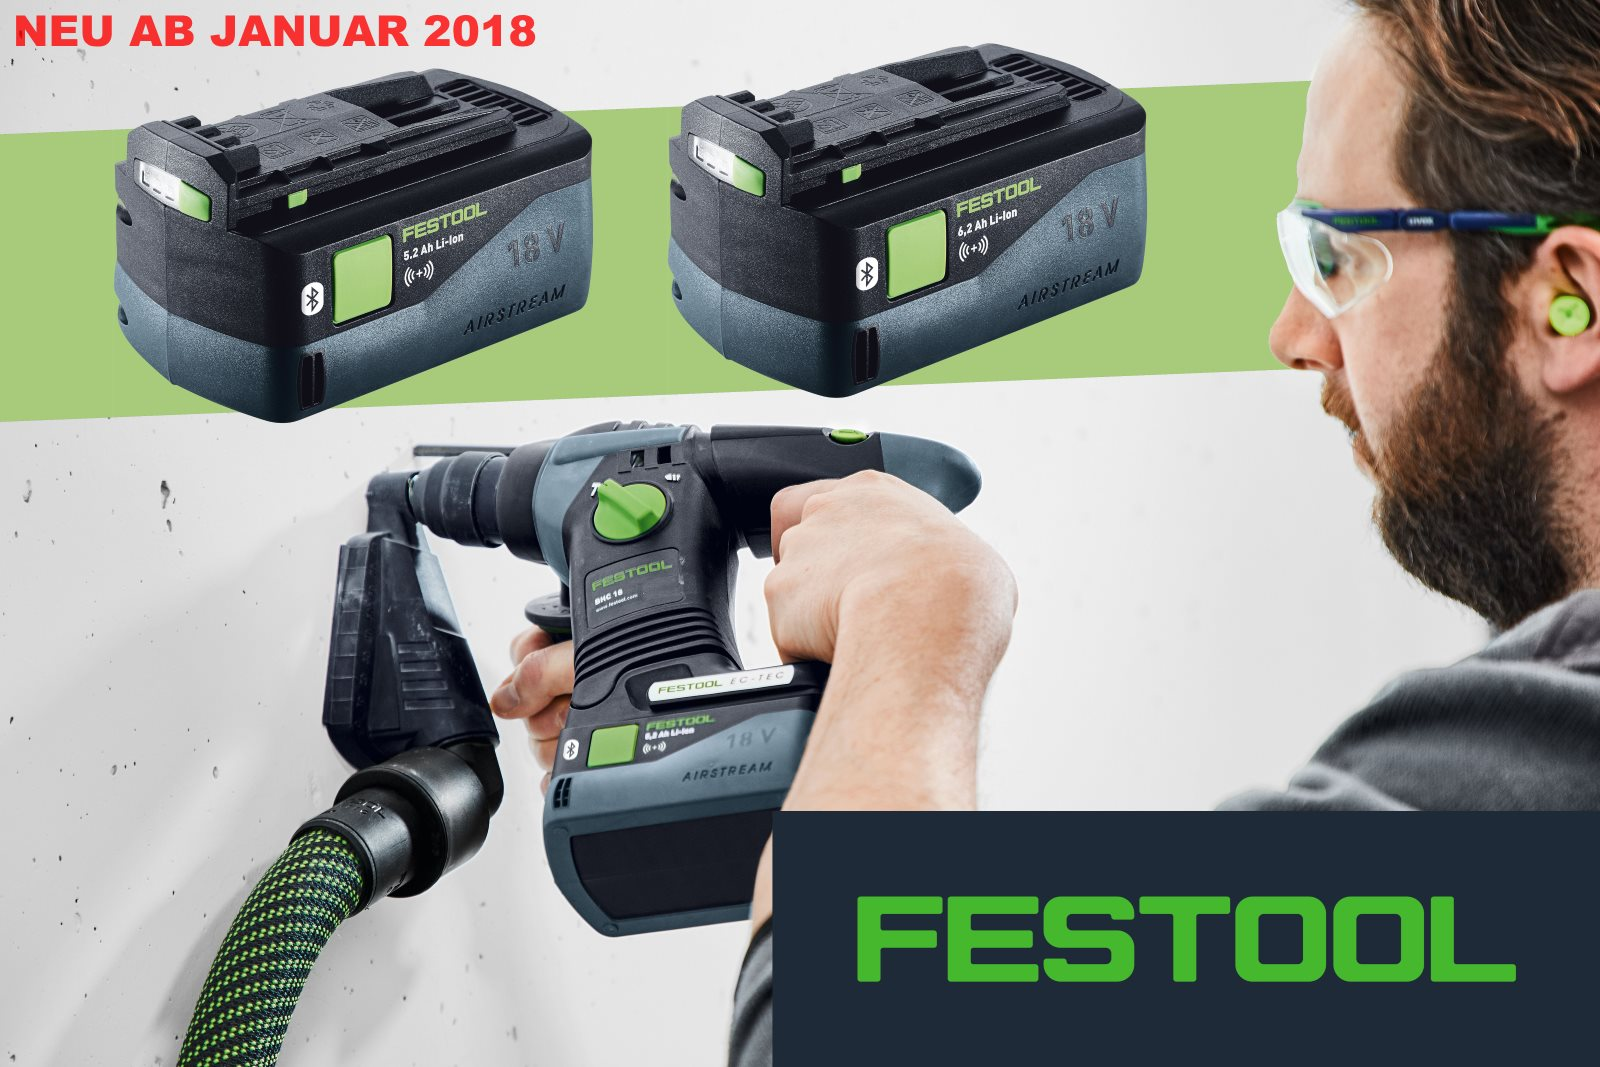 FESTOOL Bluetooth Akkus 5,2 Ah und 6,2 Ah